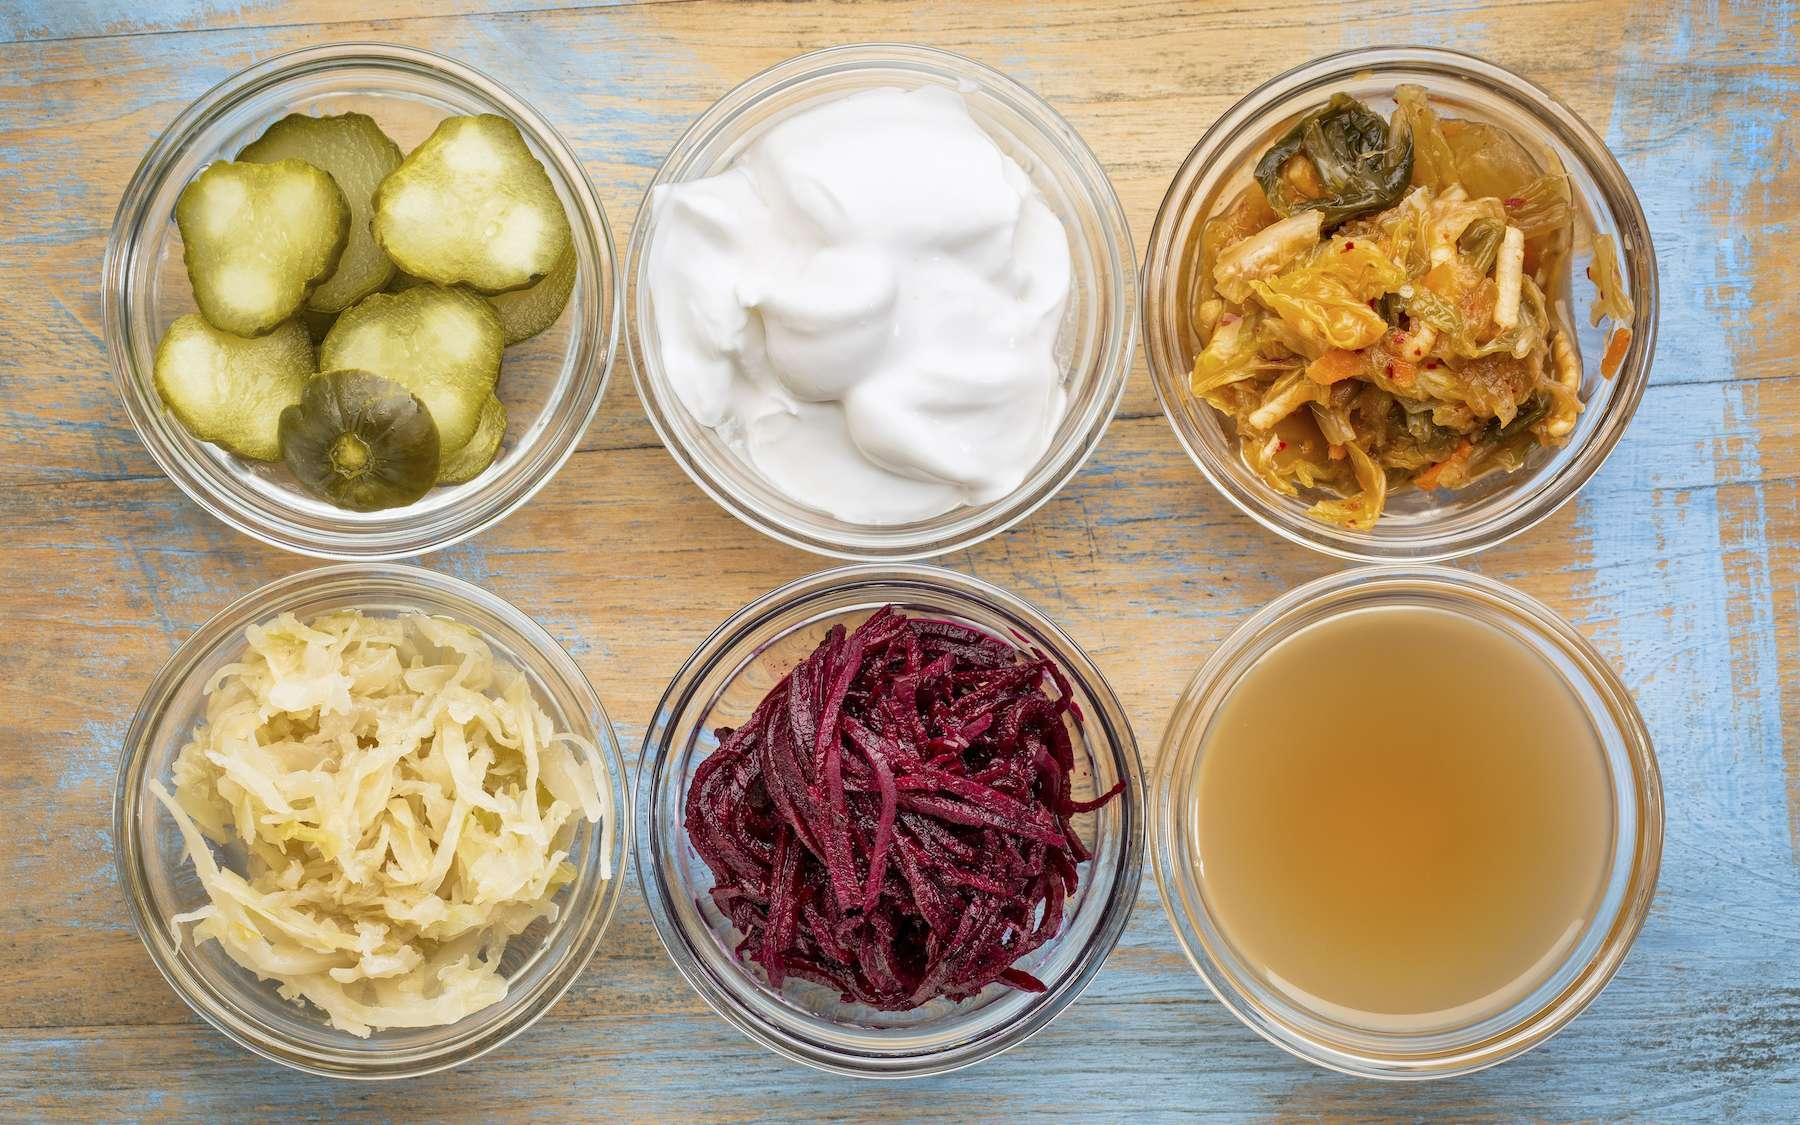 Les aliments fermentés contiennent naturellement des probiotiques. © MarekPhotoDesign.com, Adobe Stock